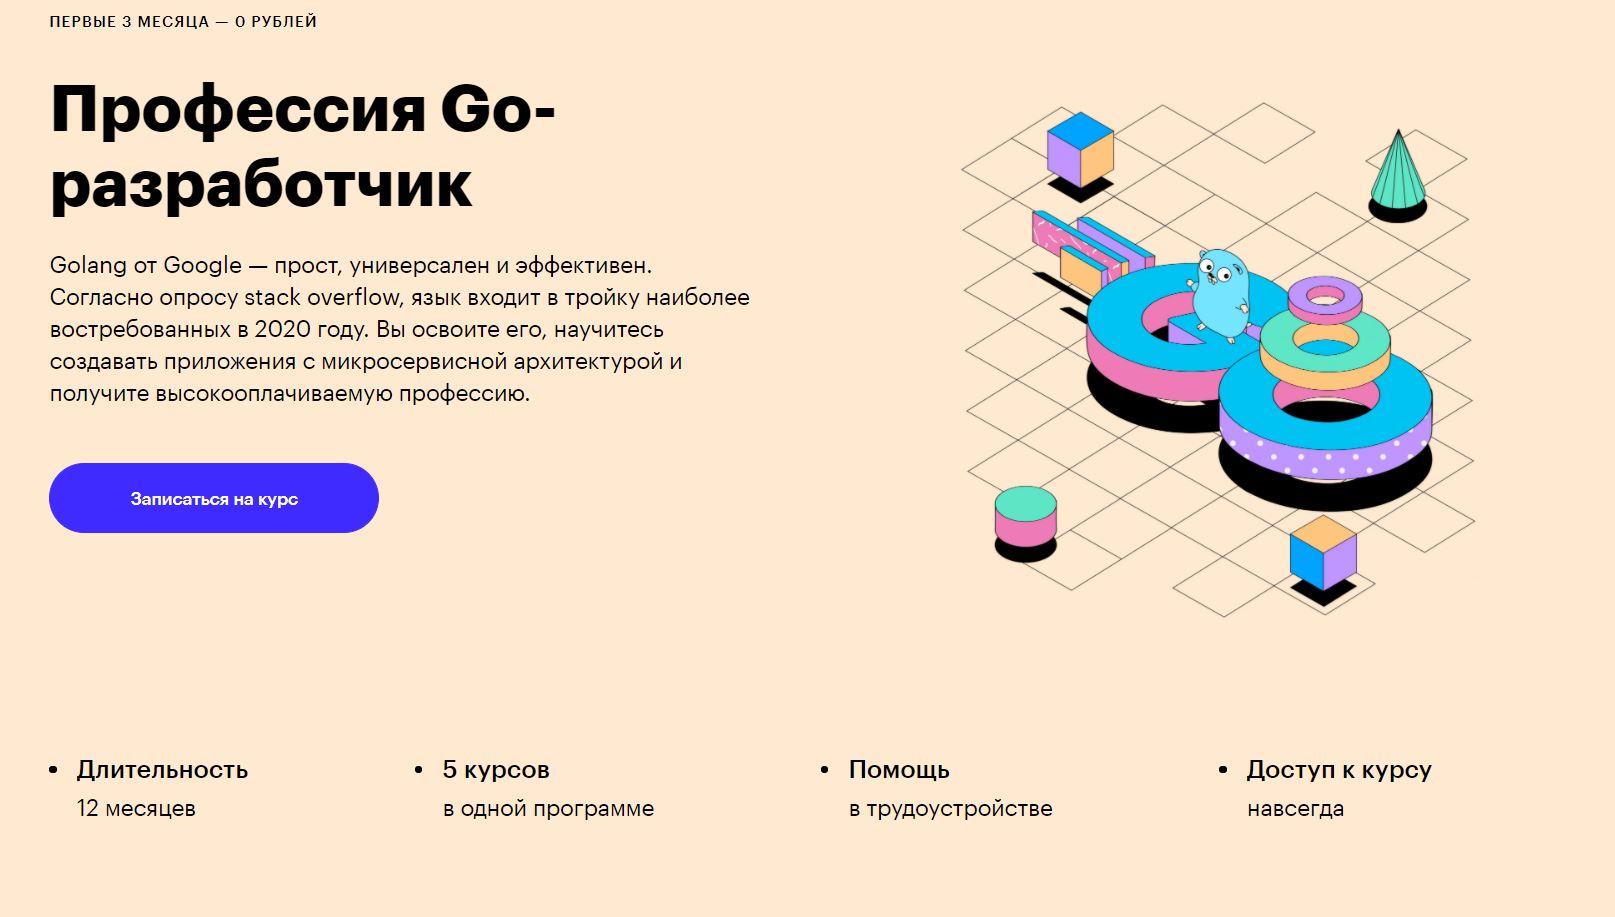 профессия Go-разработчик